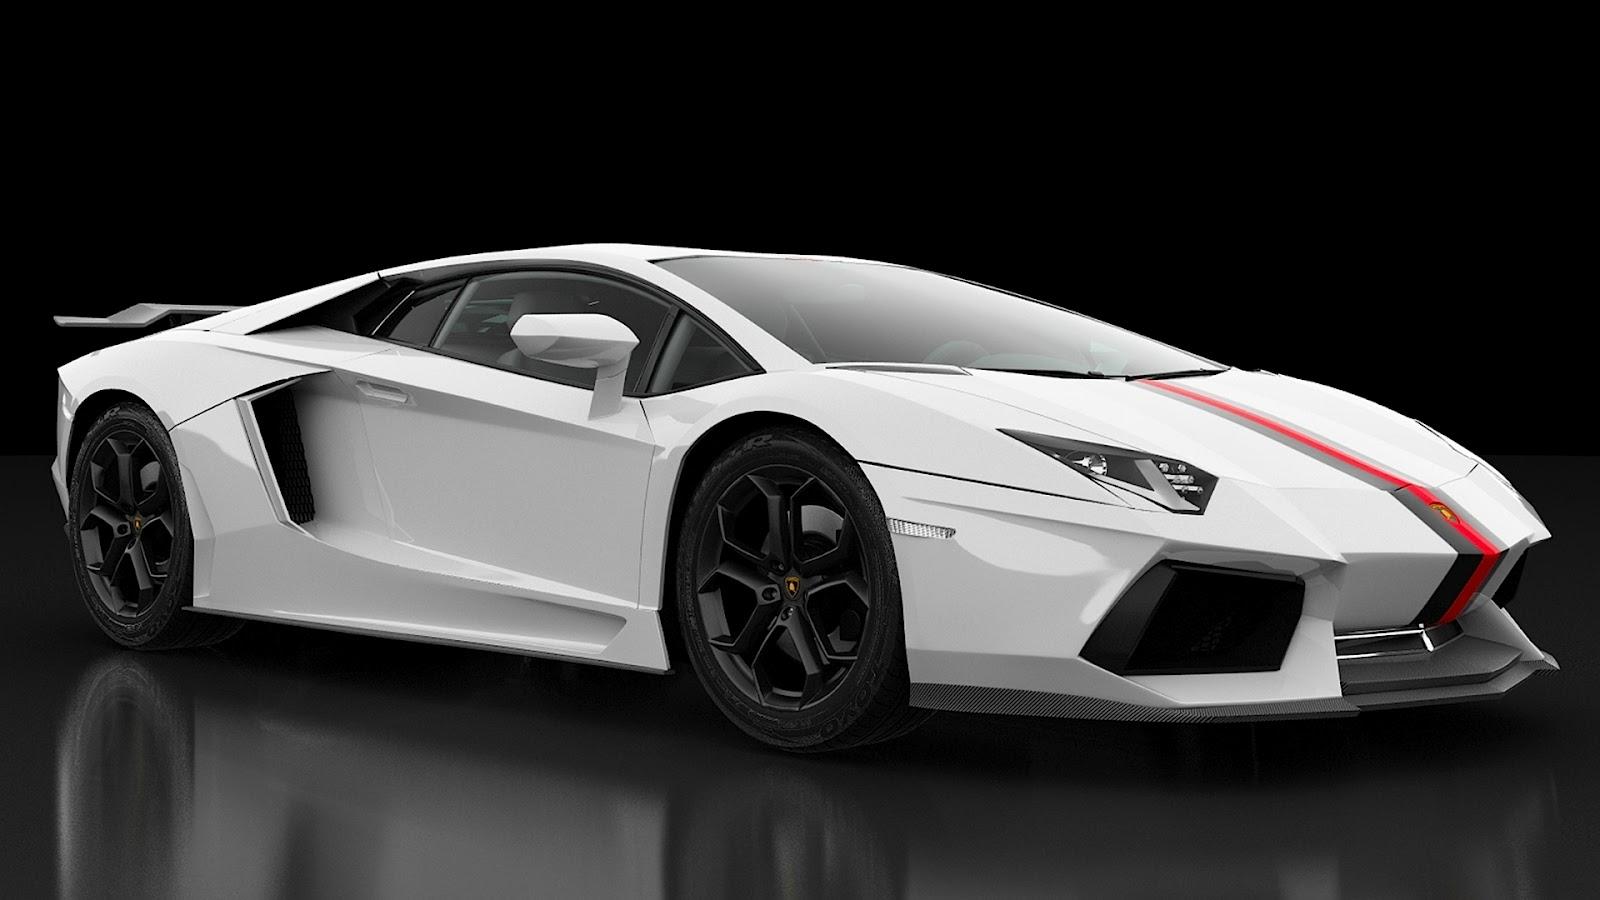 Cars HD Lamborghini Aventador HD Wallpapers 1600x900